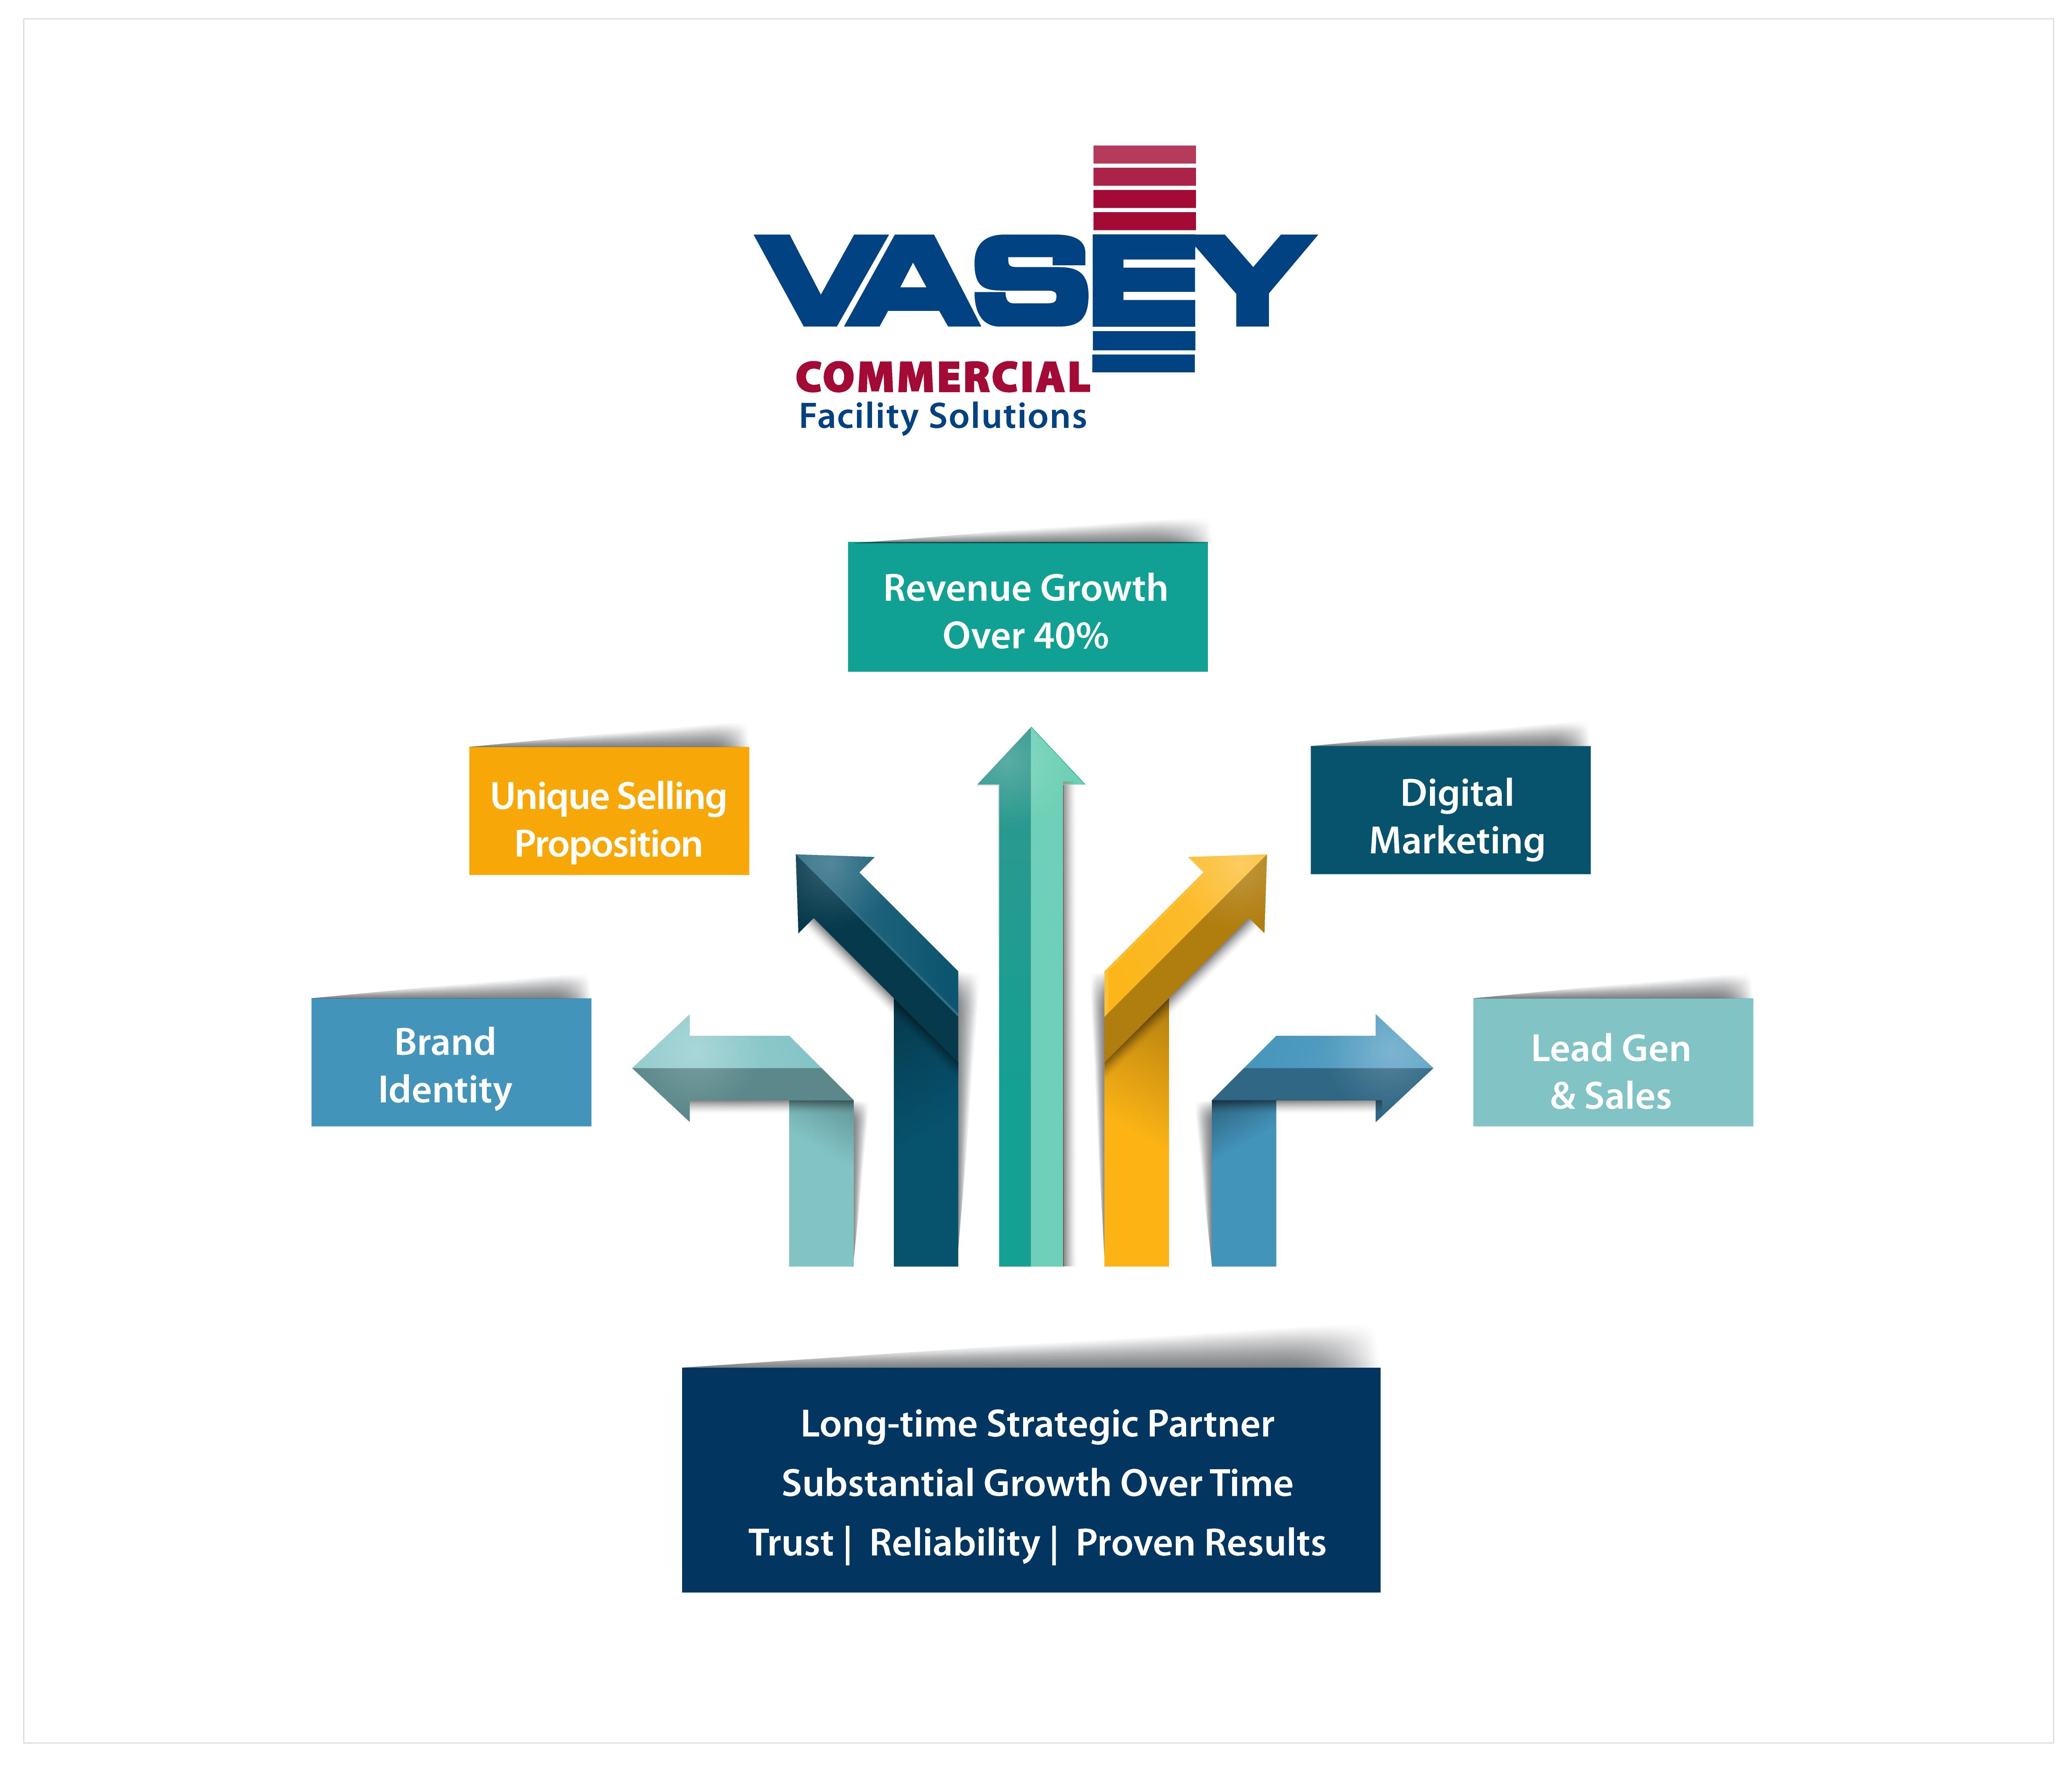 Buckaroo Marketing - Vasey Facility Services